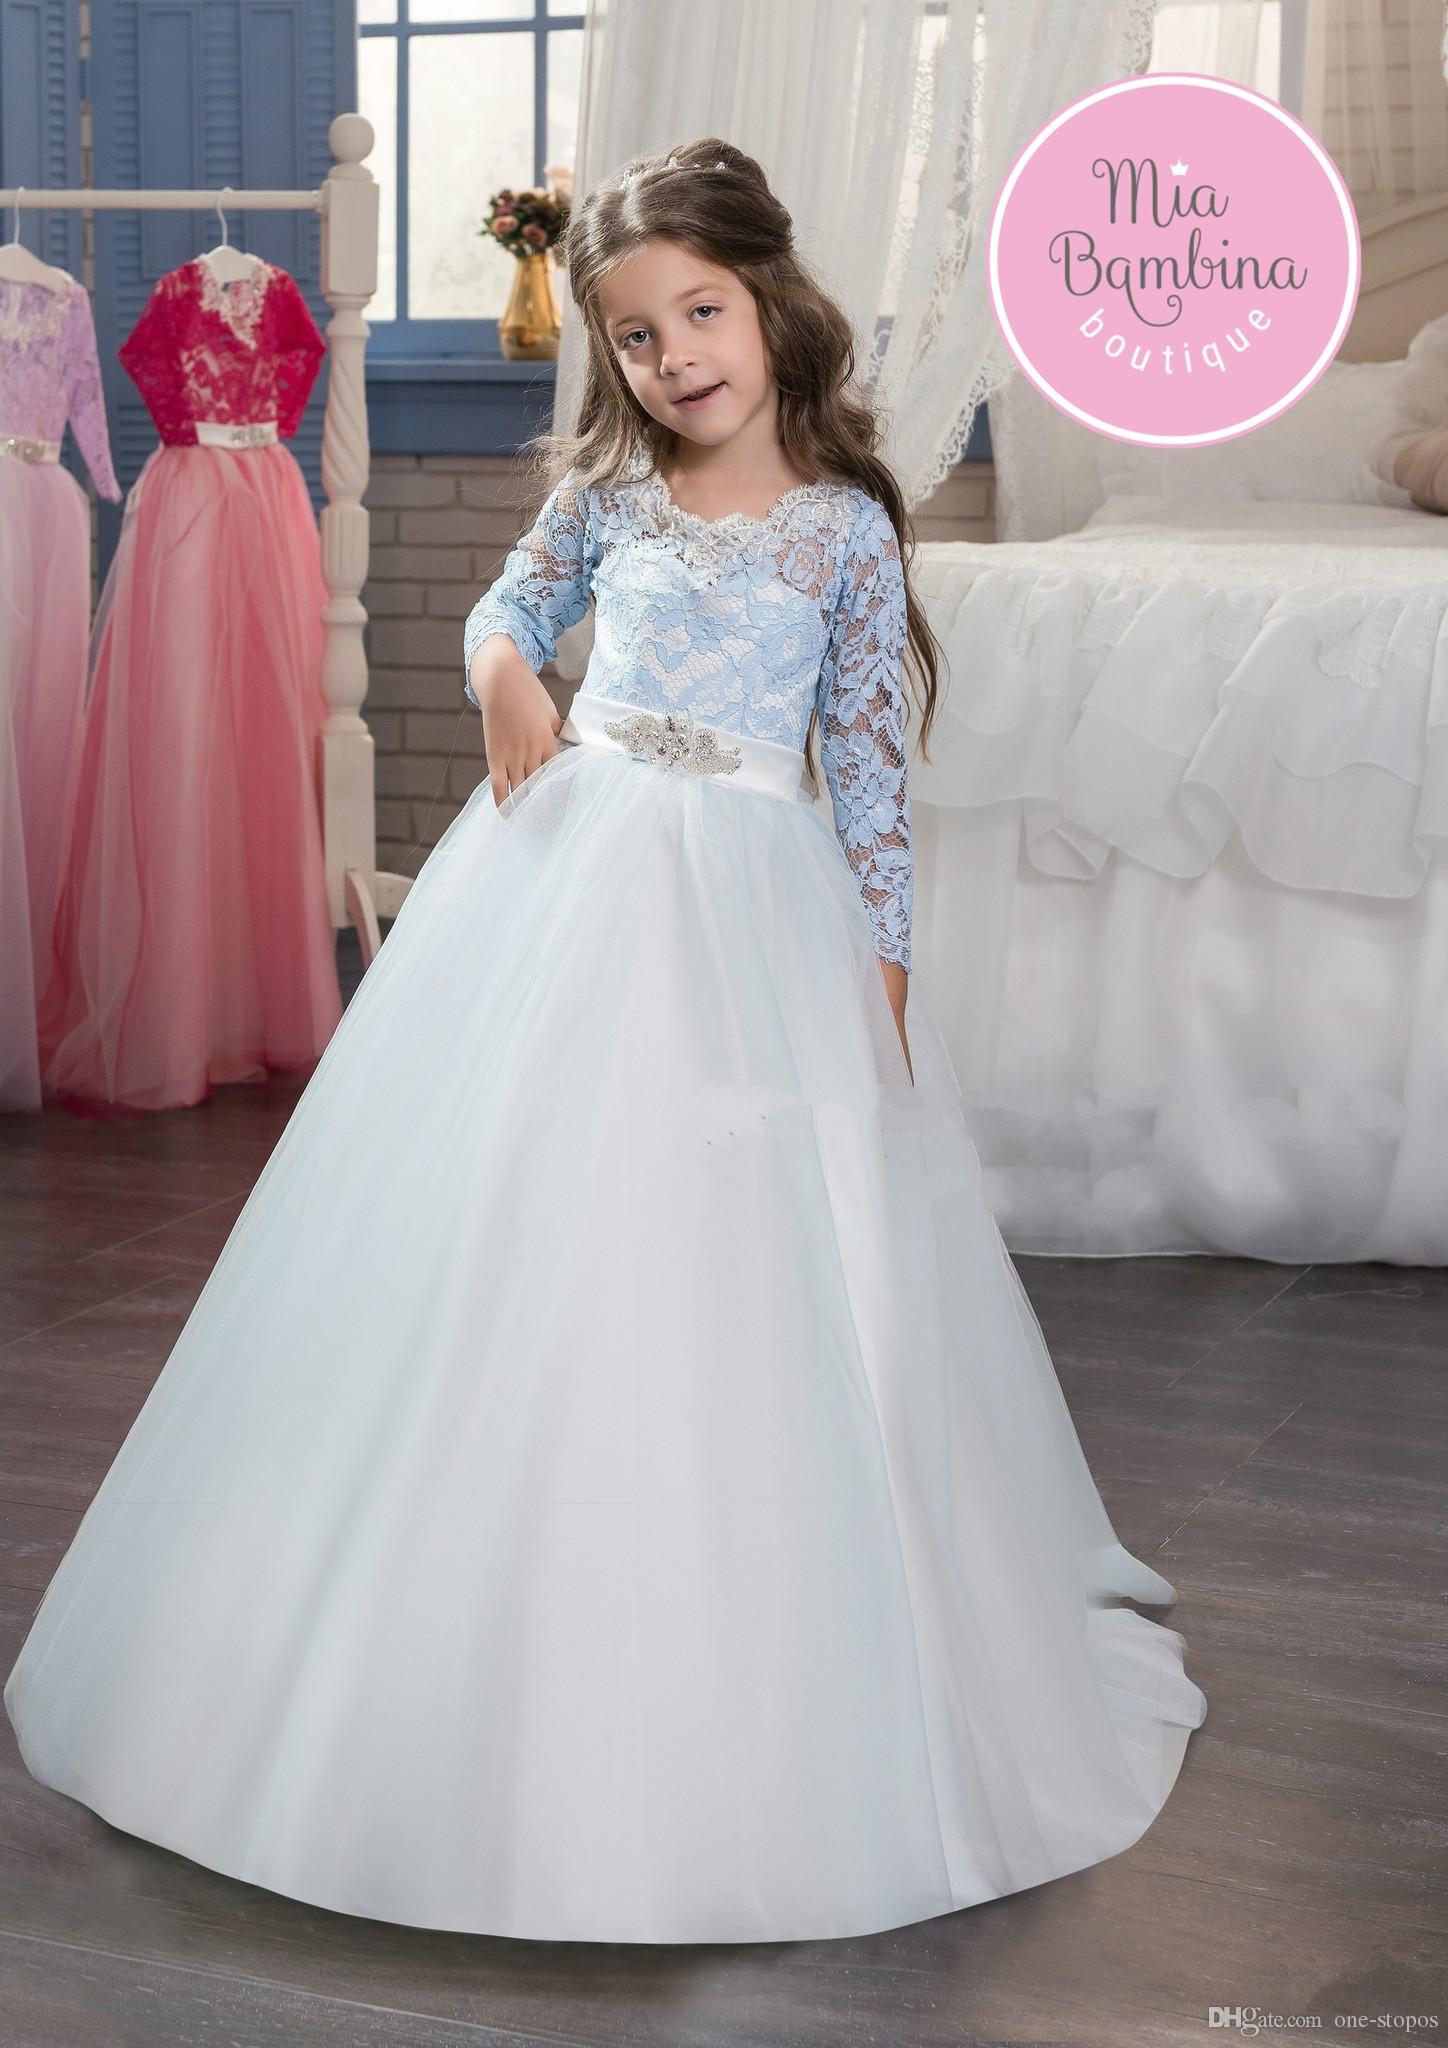 Atemberaubend Lange Hülsenkleider Hochzeit Fotos - Hochzeit Kleid ...